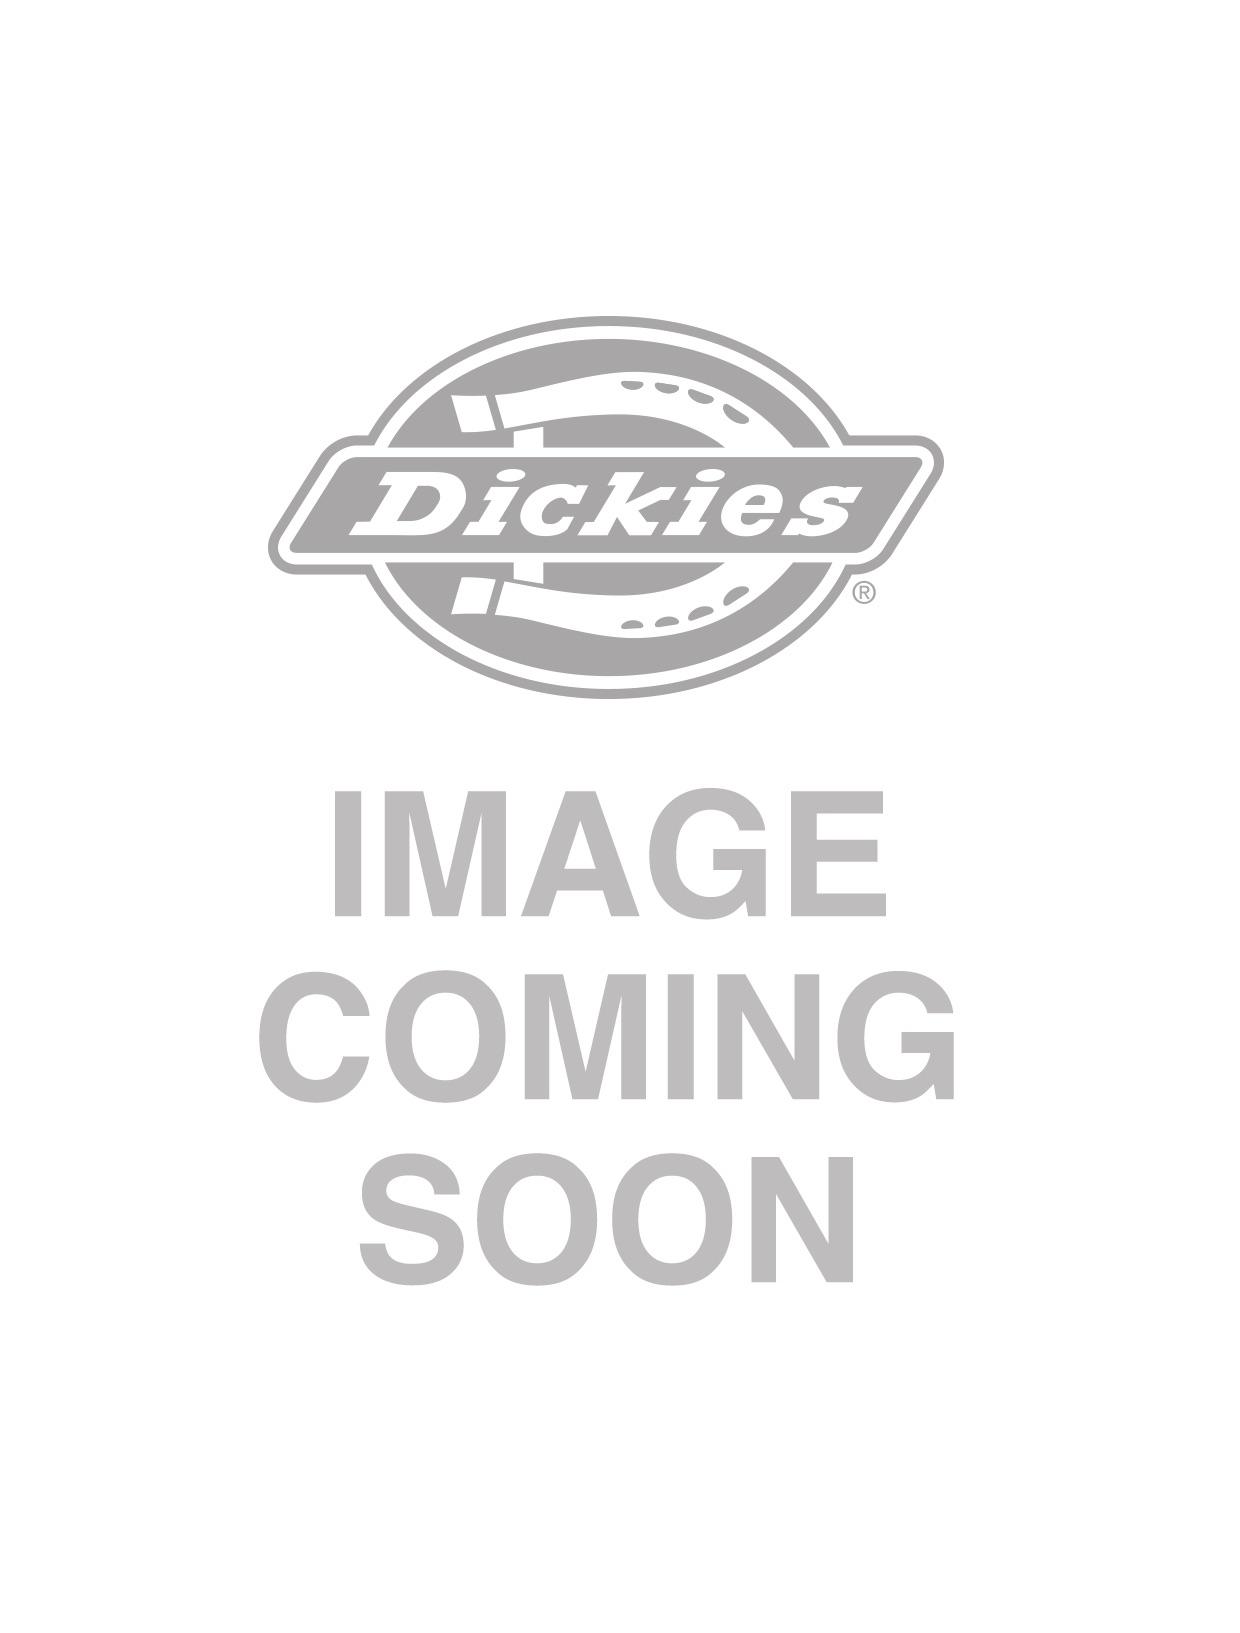 Dickies Bib Overall